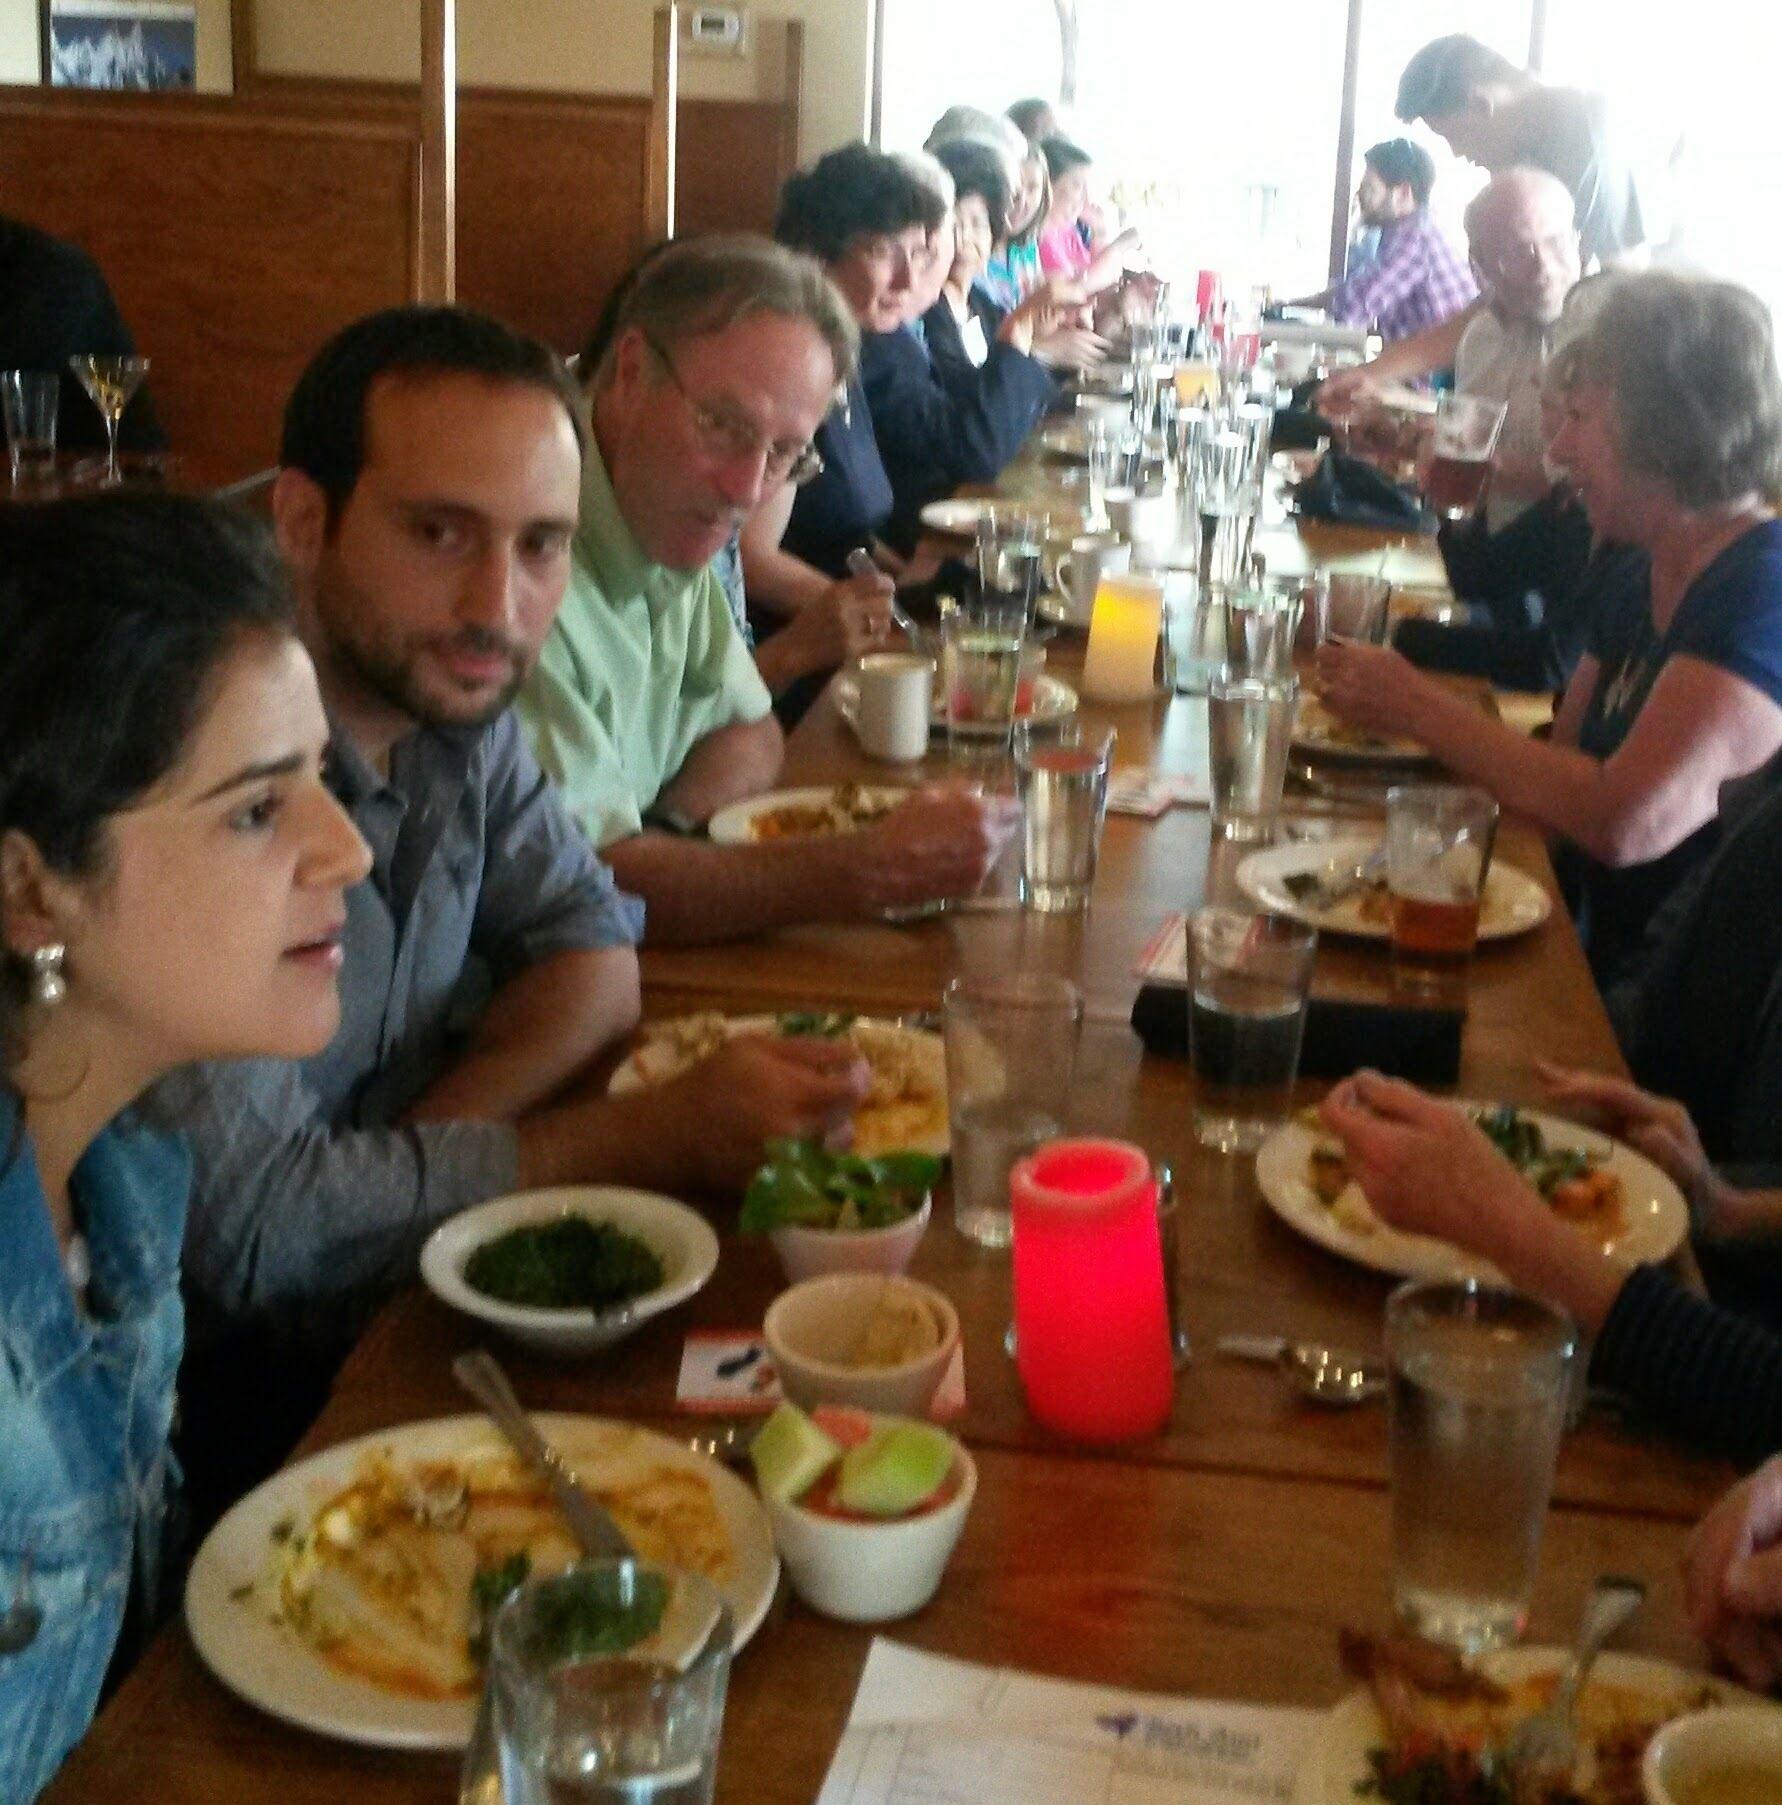 Beth Ami - Colorado Congregation for Humanistic Judaism